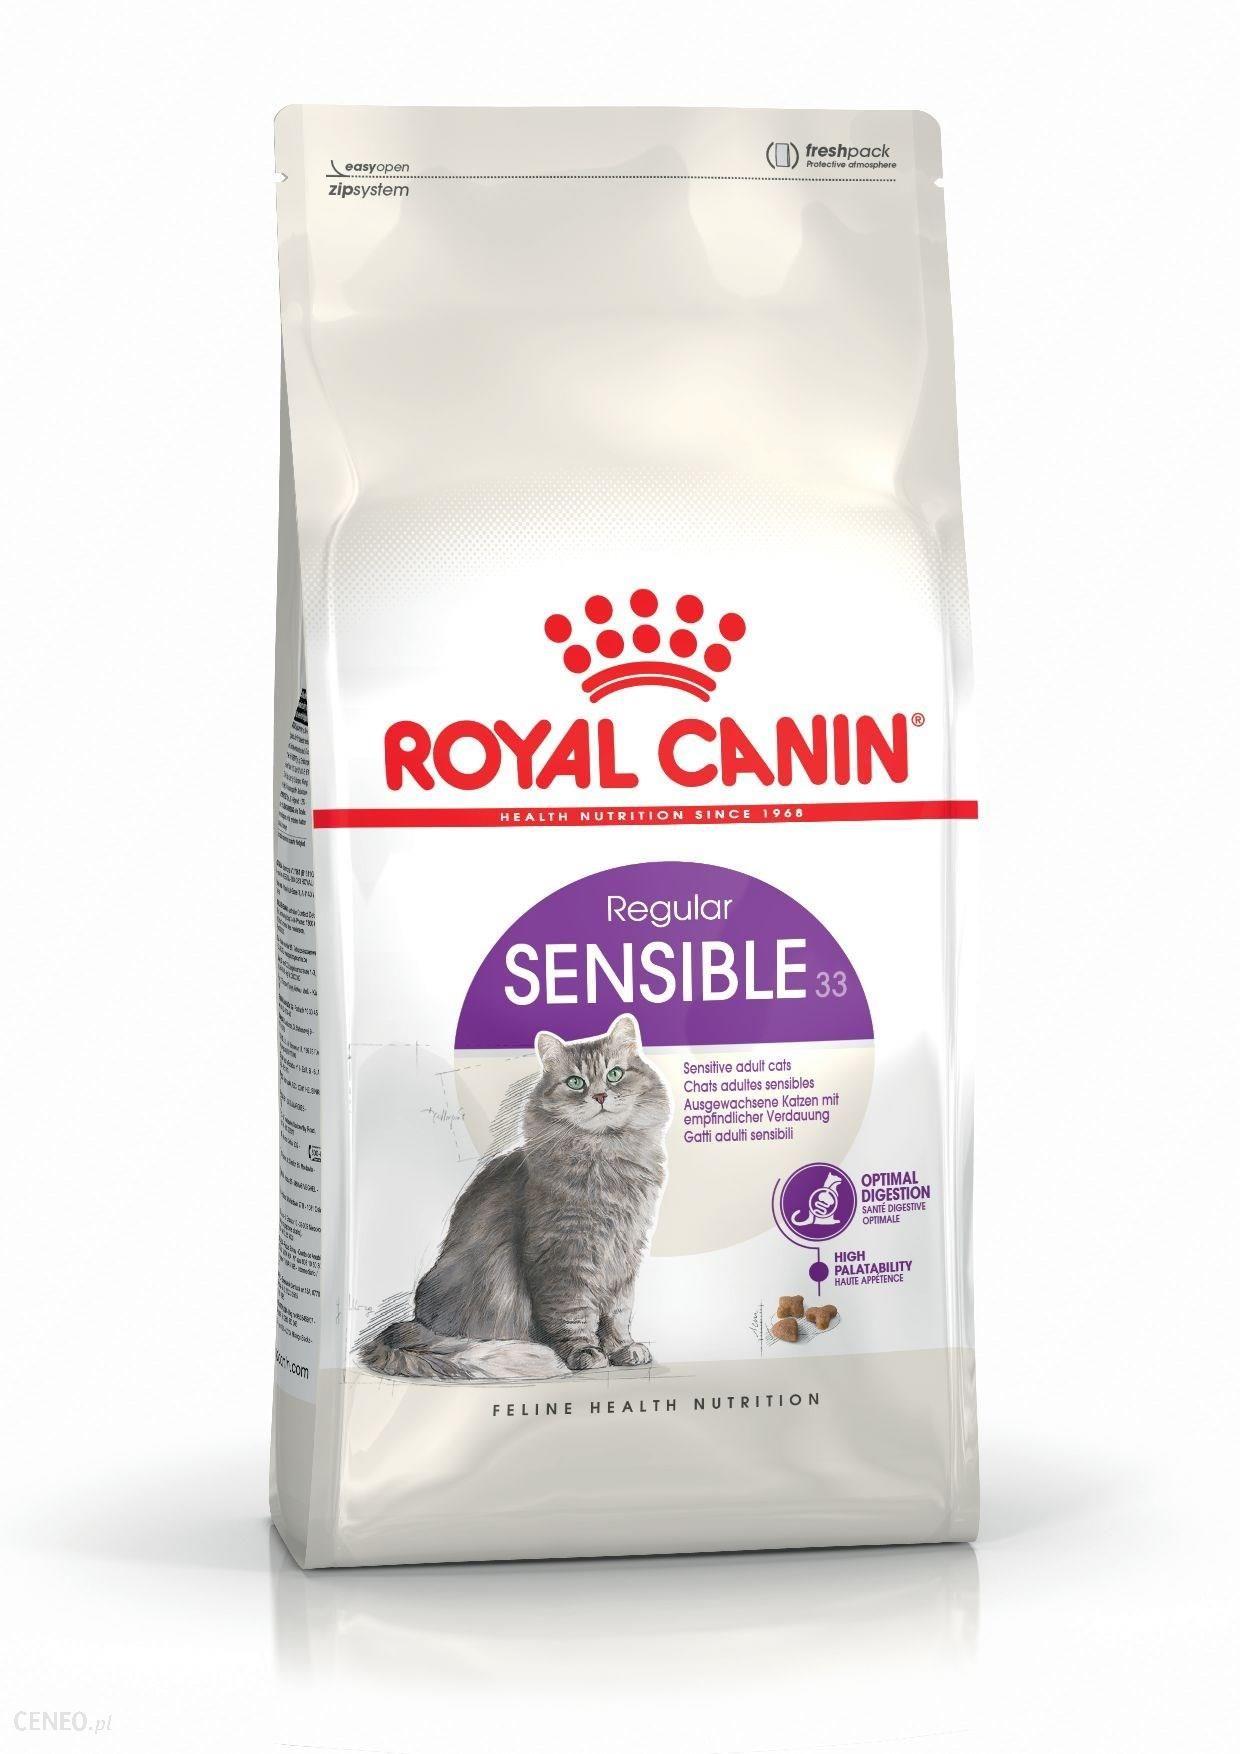 Royal Canin Sensible 33 12kg